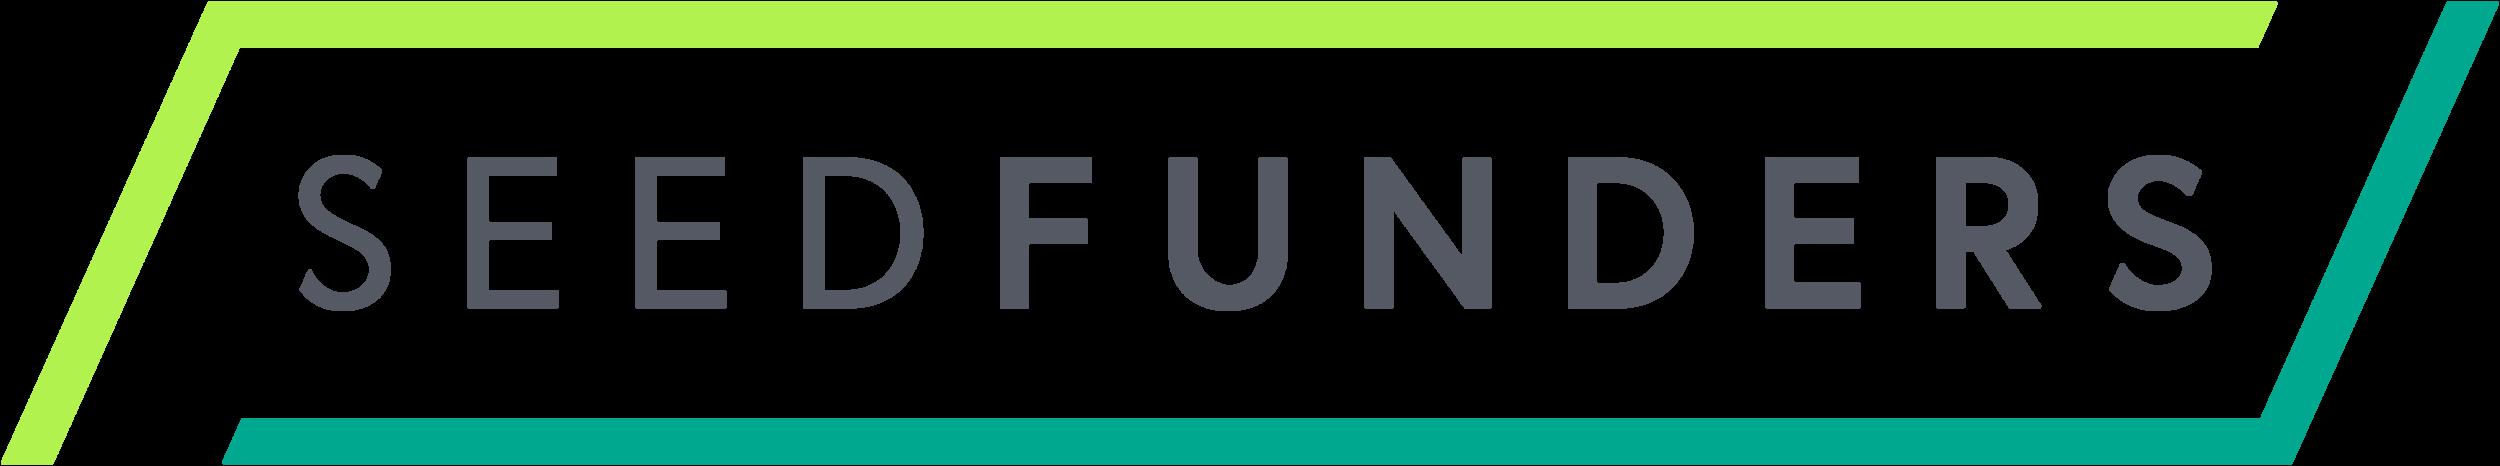 seedfunders.png